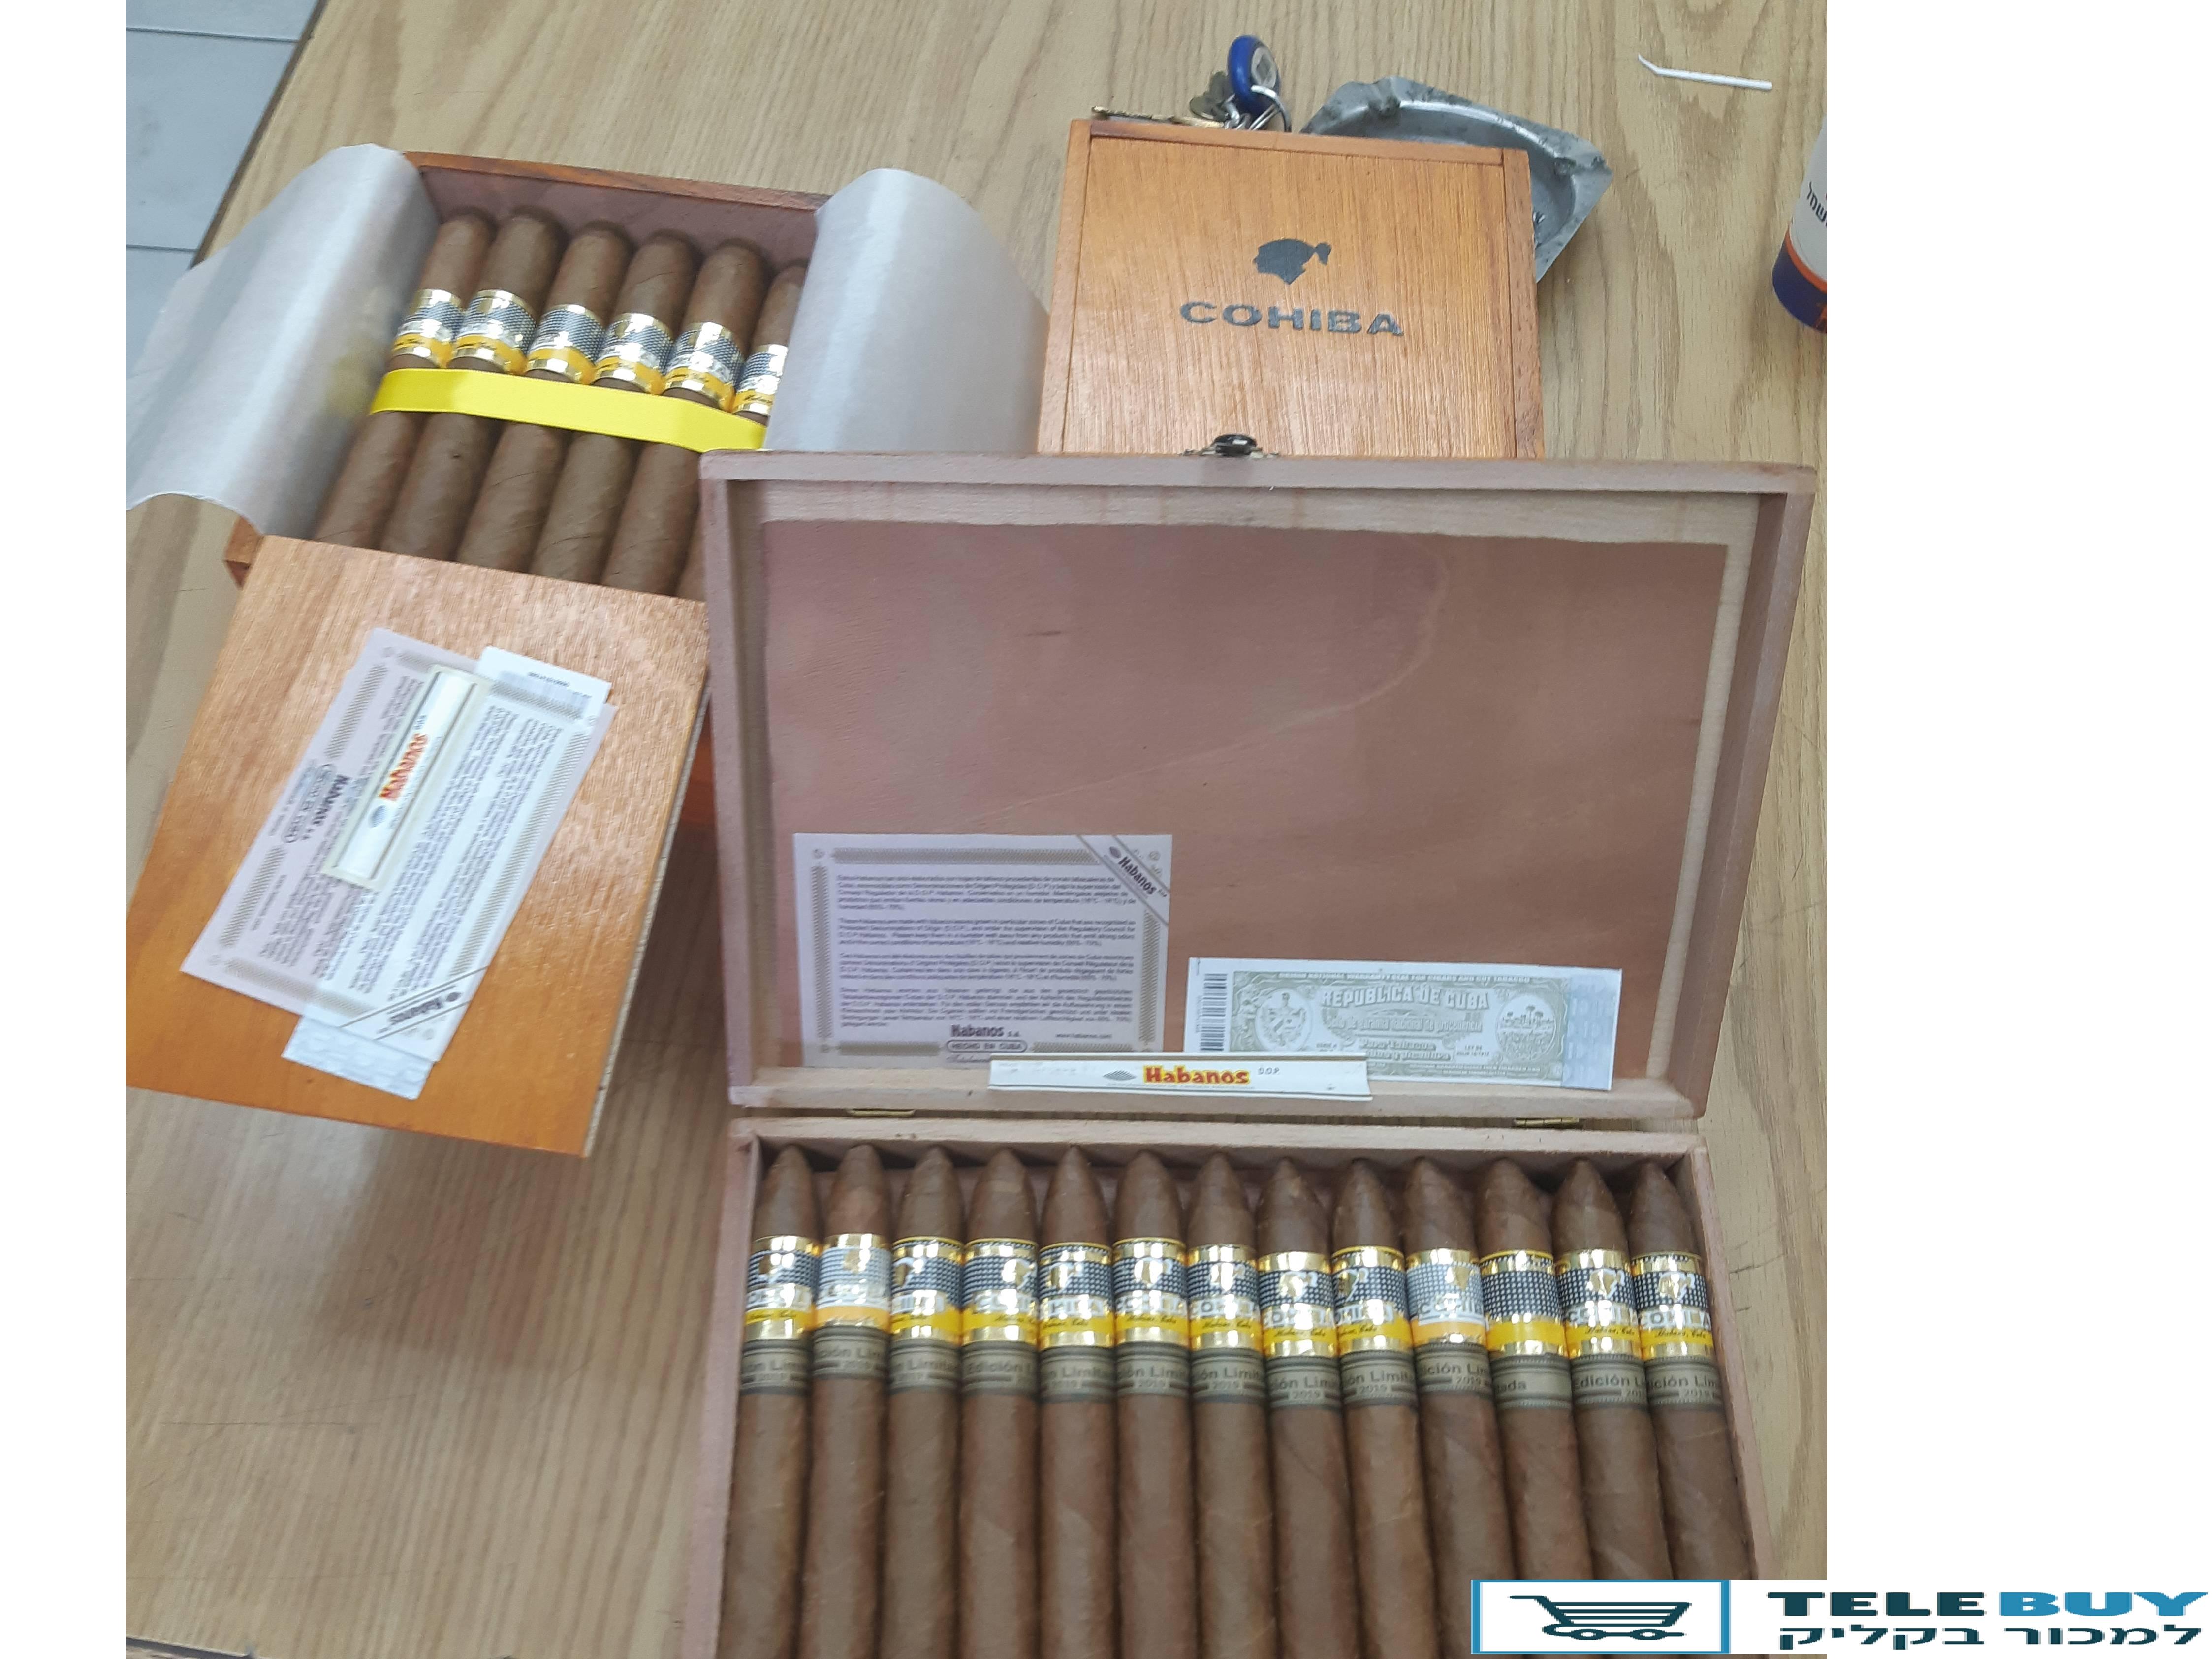 מוצרי טבק ואלכוהול סיגרים   בזכרון יעקב - בנימינה